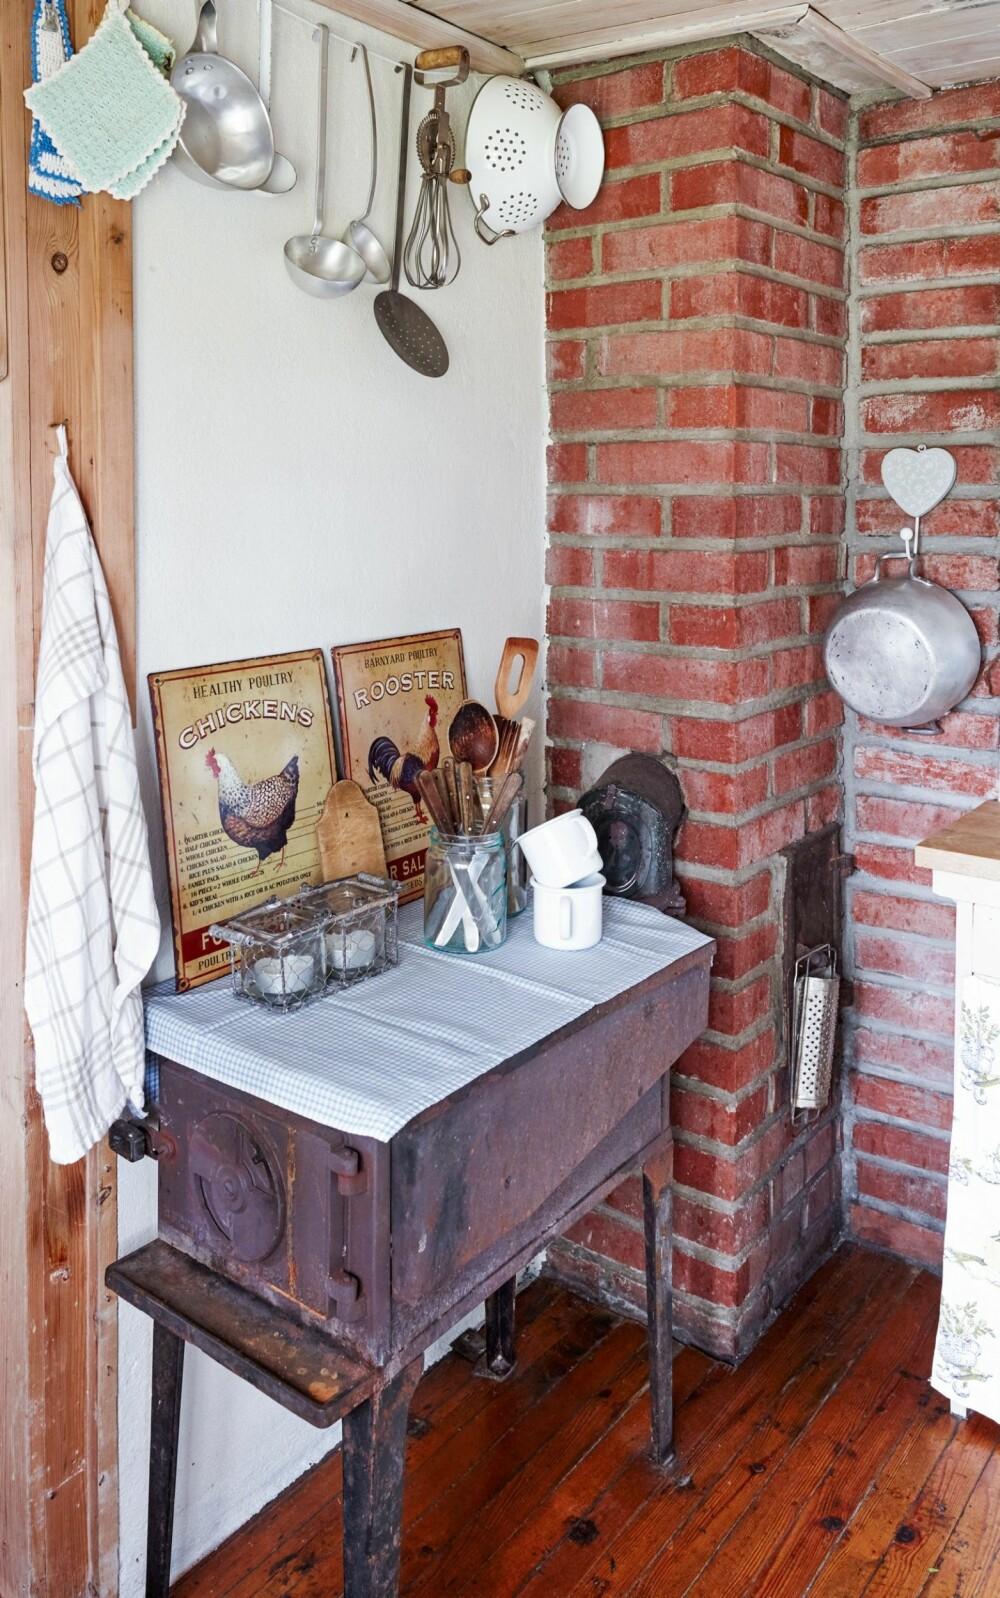 GODT BEVART: Kjøkkenet er blitt tatt vare på slik det var. Her står fremdeles den gamle vedovnen.